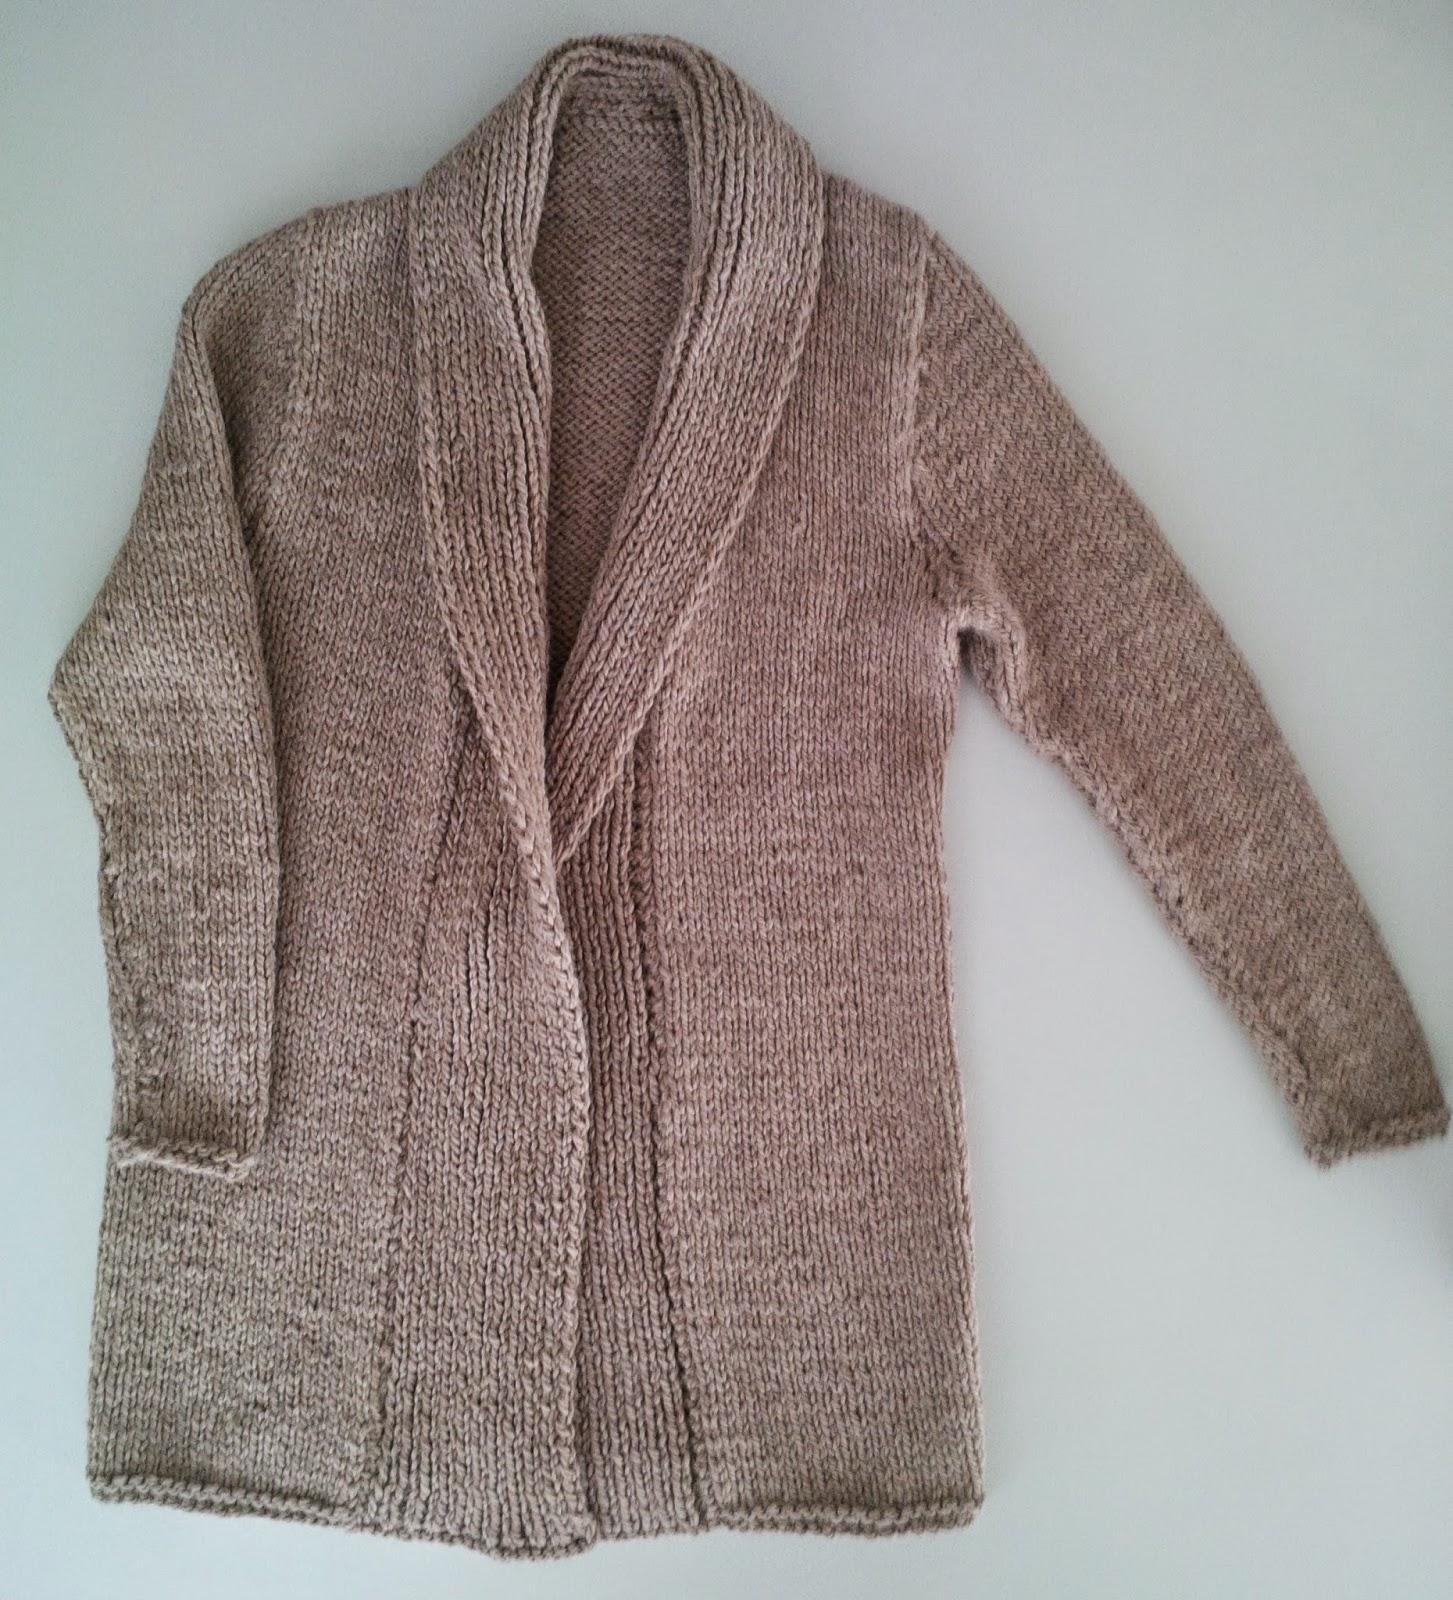 Una chaqueta de punto paso a paso (con más tallas en comentarios) Publicado el 12 junio, a las por Beatriz / Patrones Gratis / 20 Comments Para tu bebé, una chaqueta de punto paso a paso.